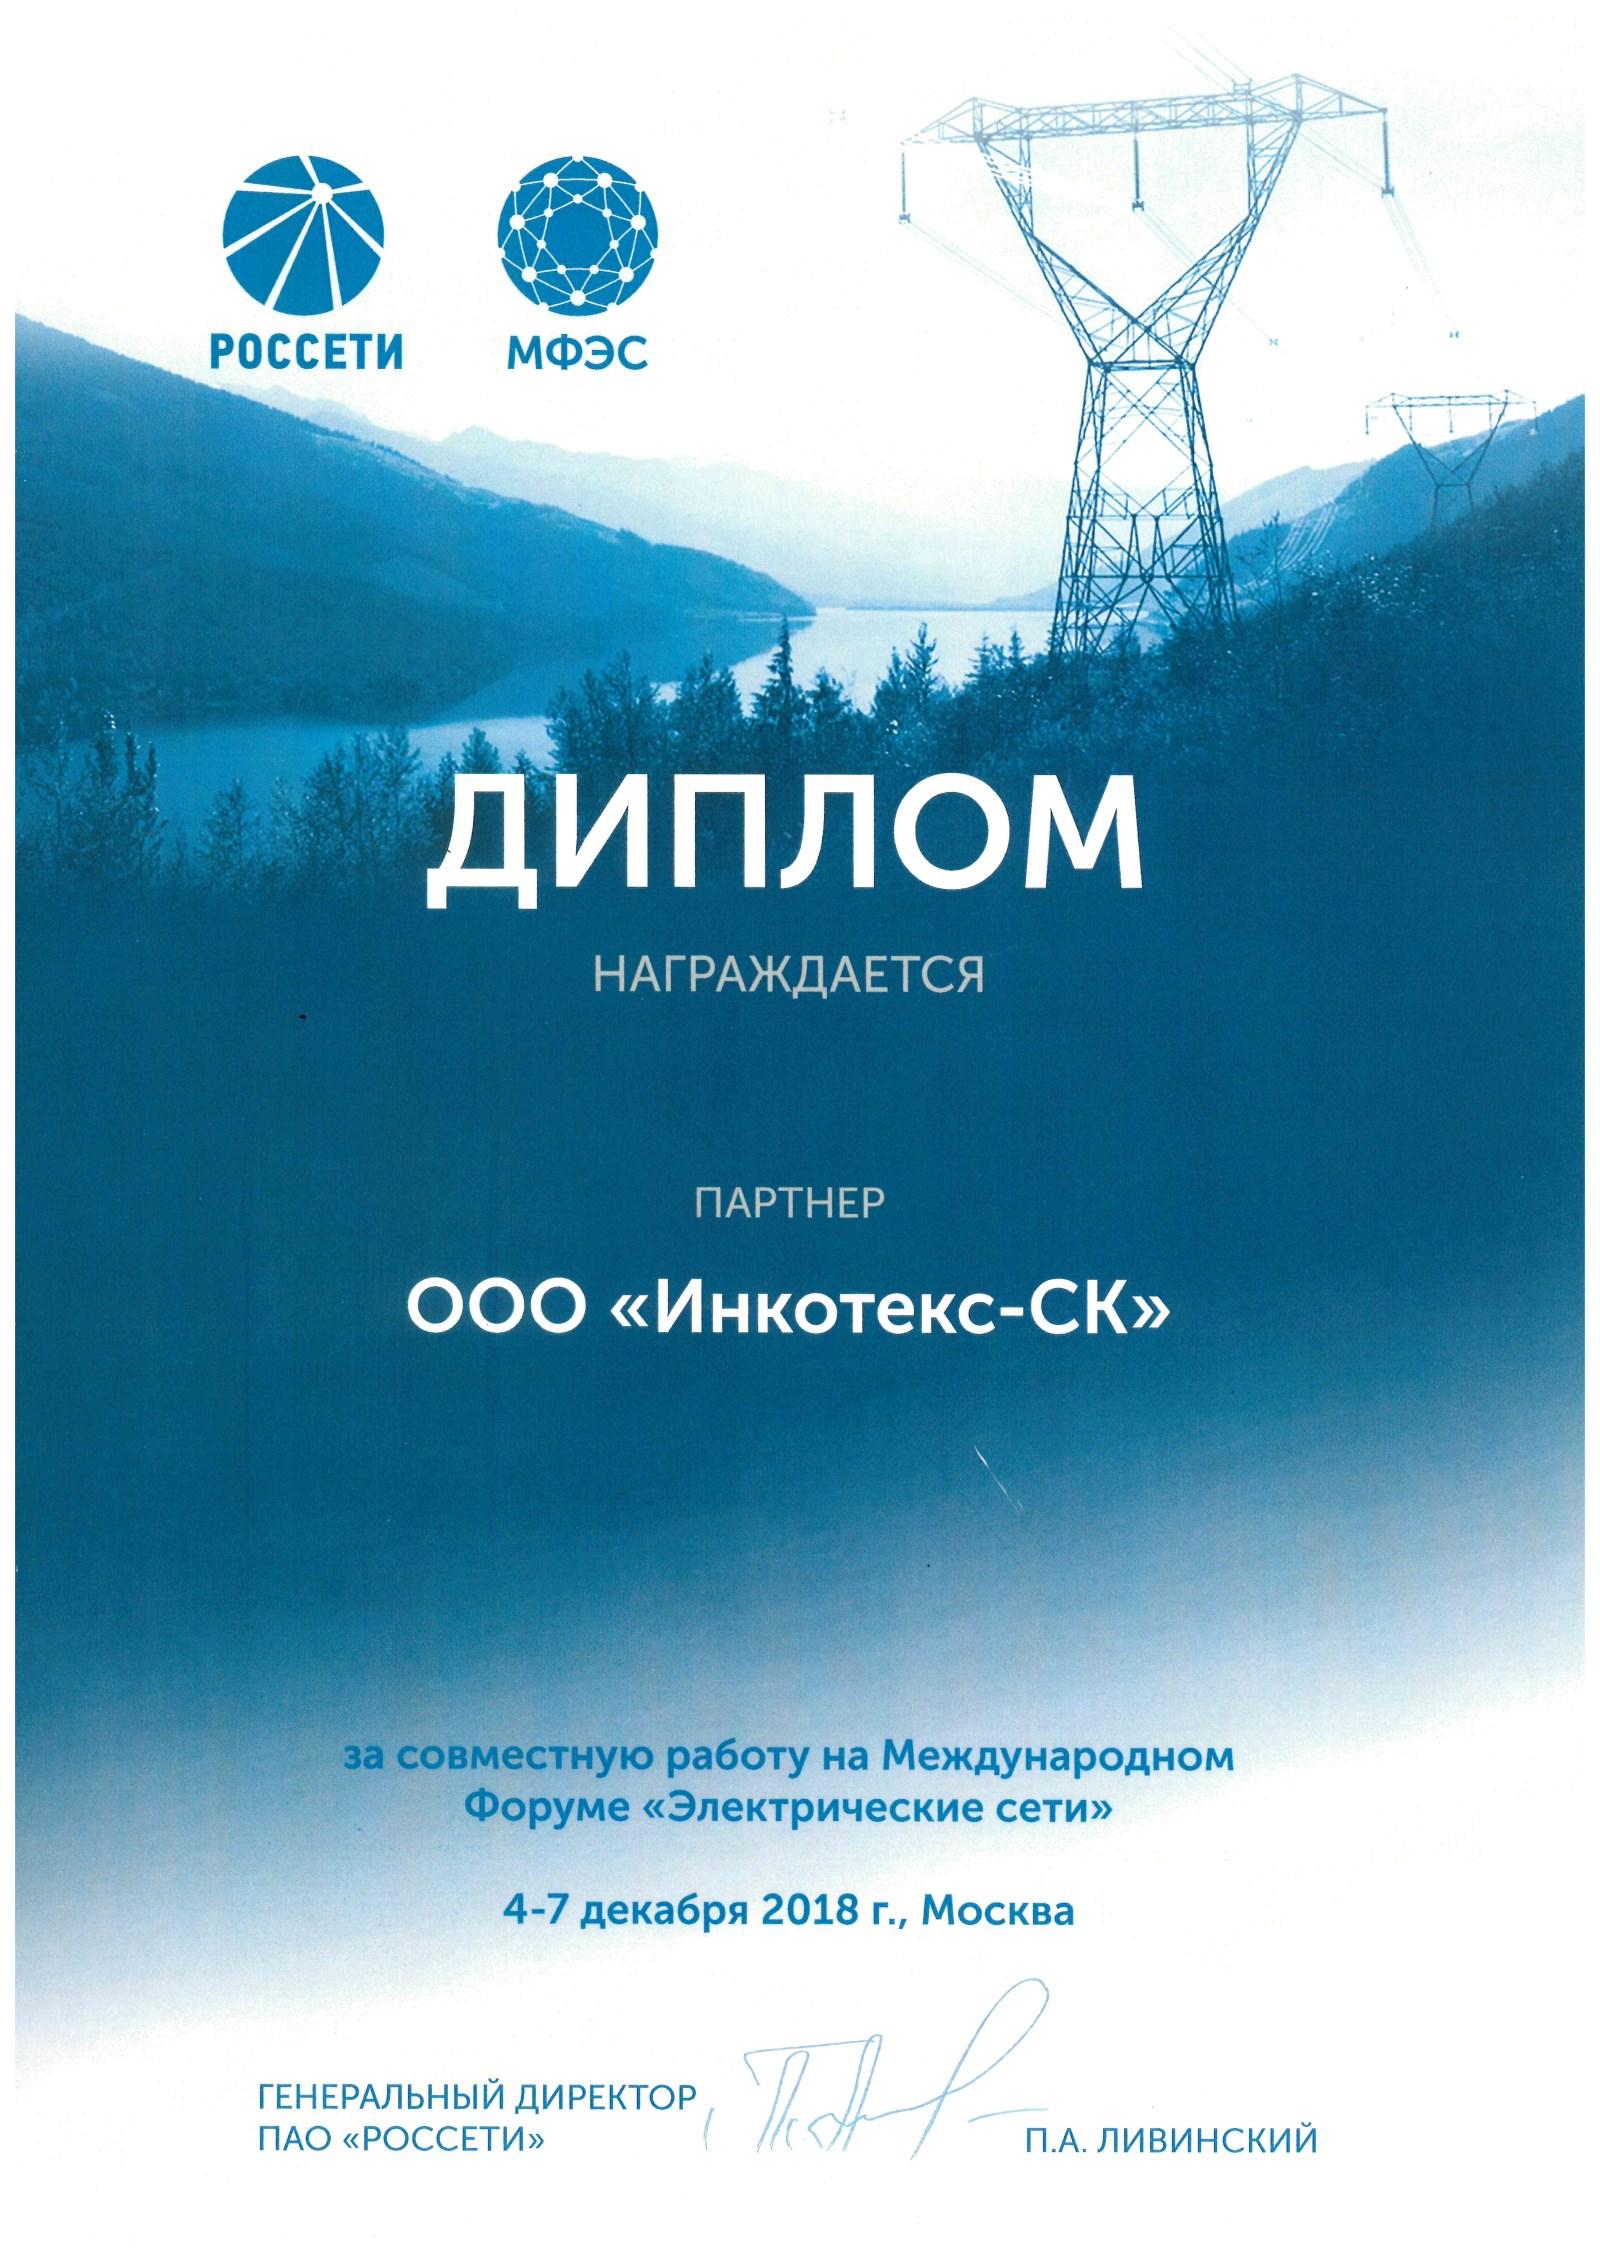 Диплом за совместную работу от ПАО «Россети»